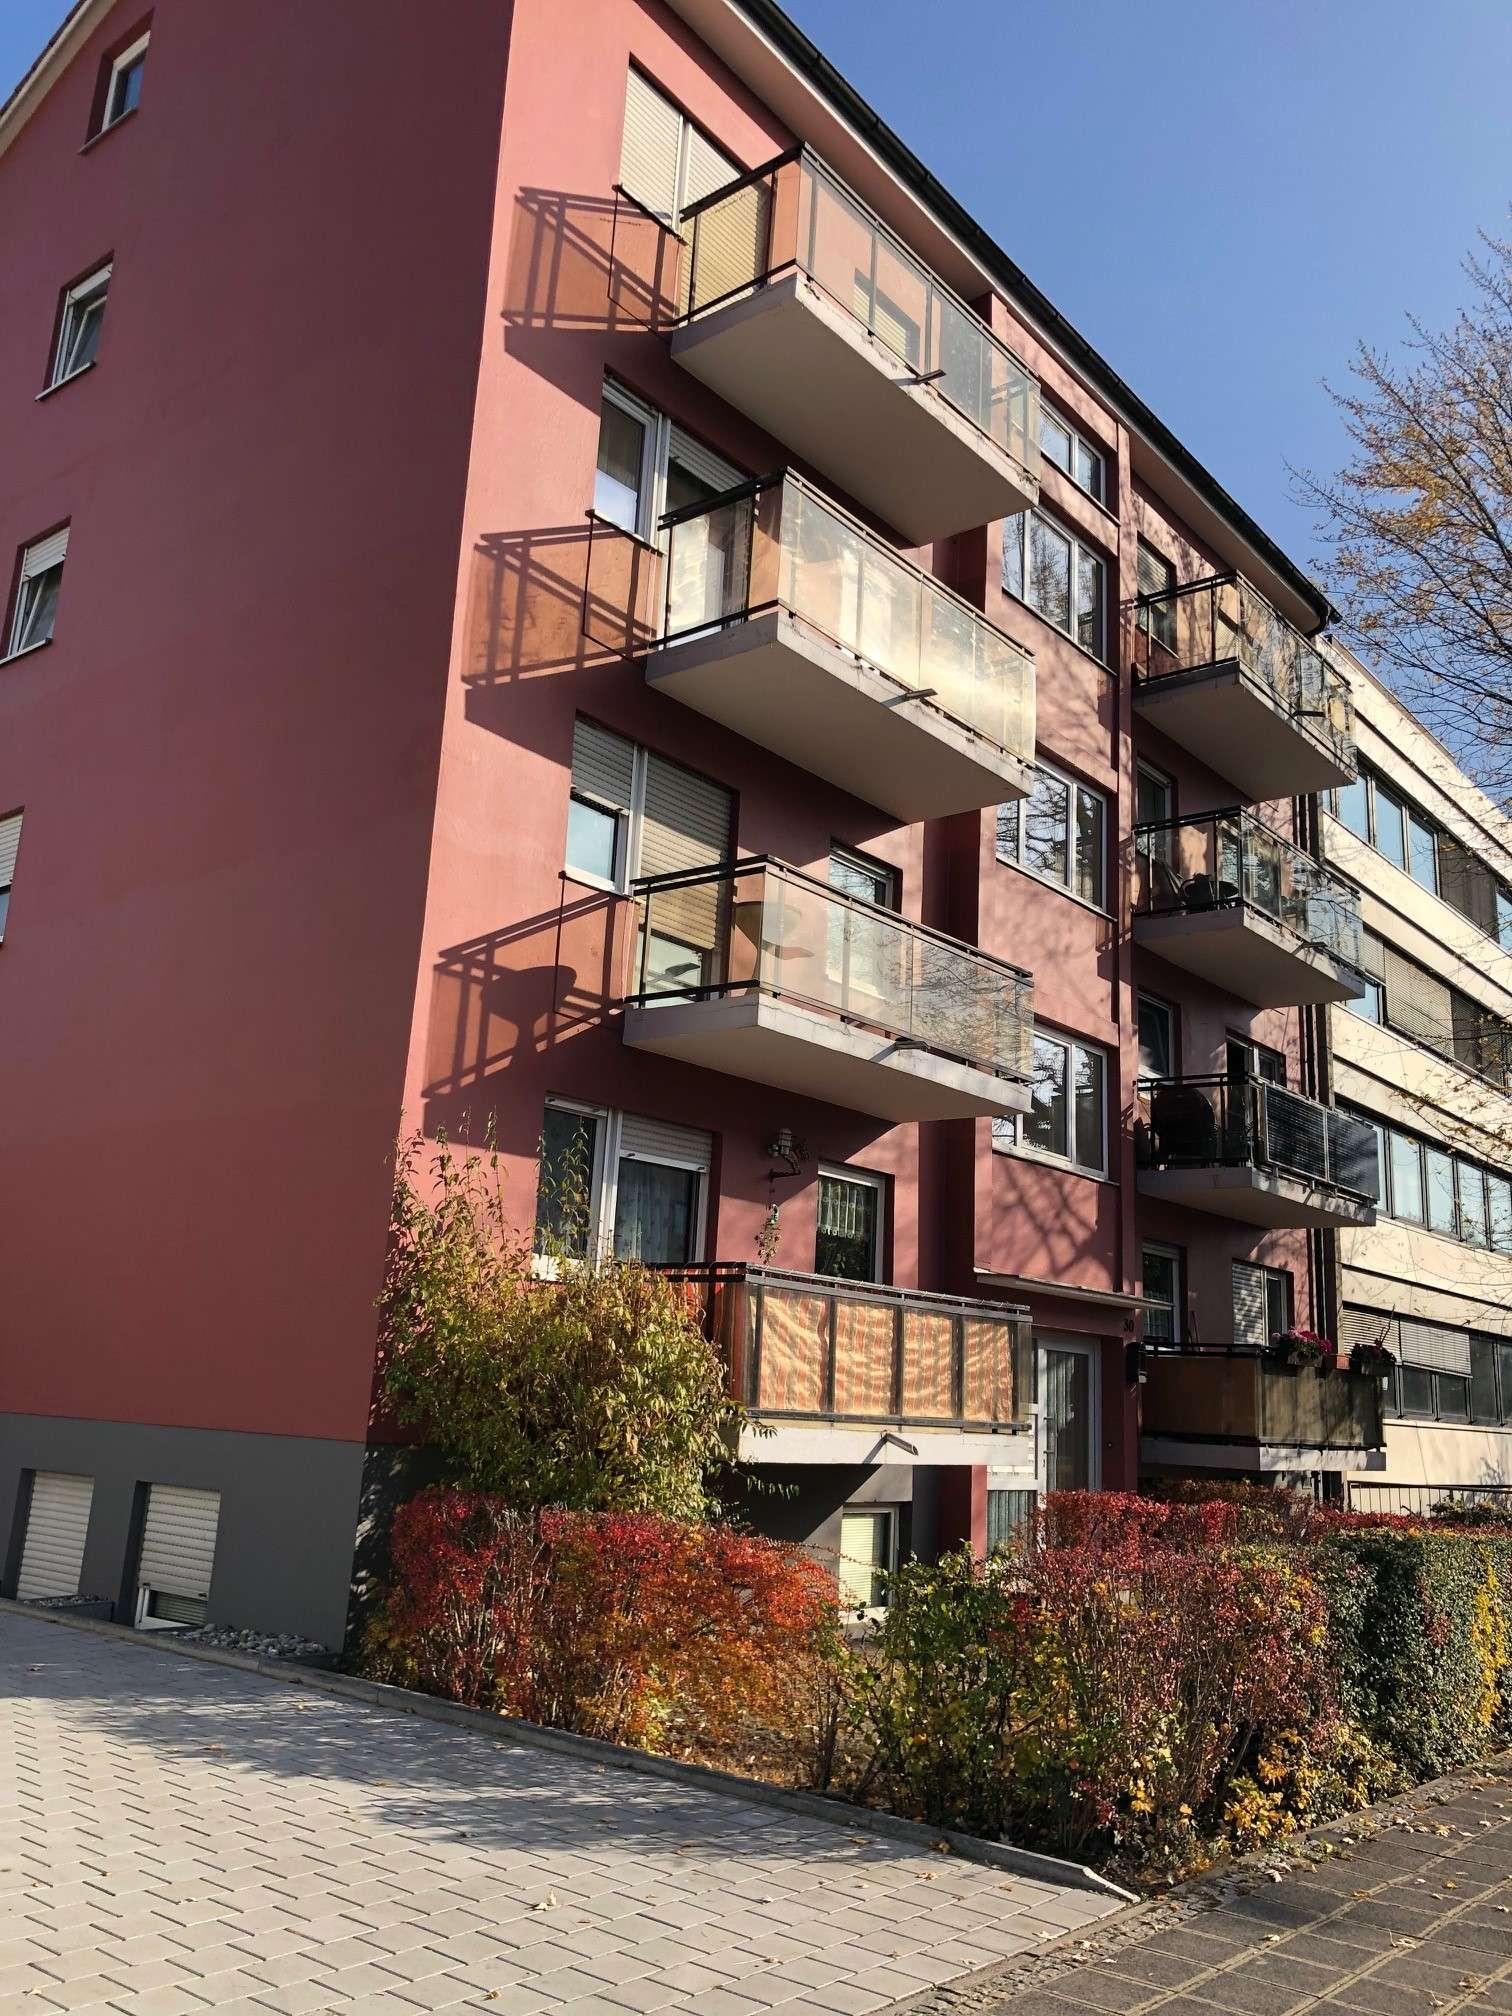 Stilvolle, vollständig renovierte 3-Zimmer-Wohnung mit Balkon und Einbauküche in Nürnberg in Schleifweg (Nürnberg)